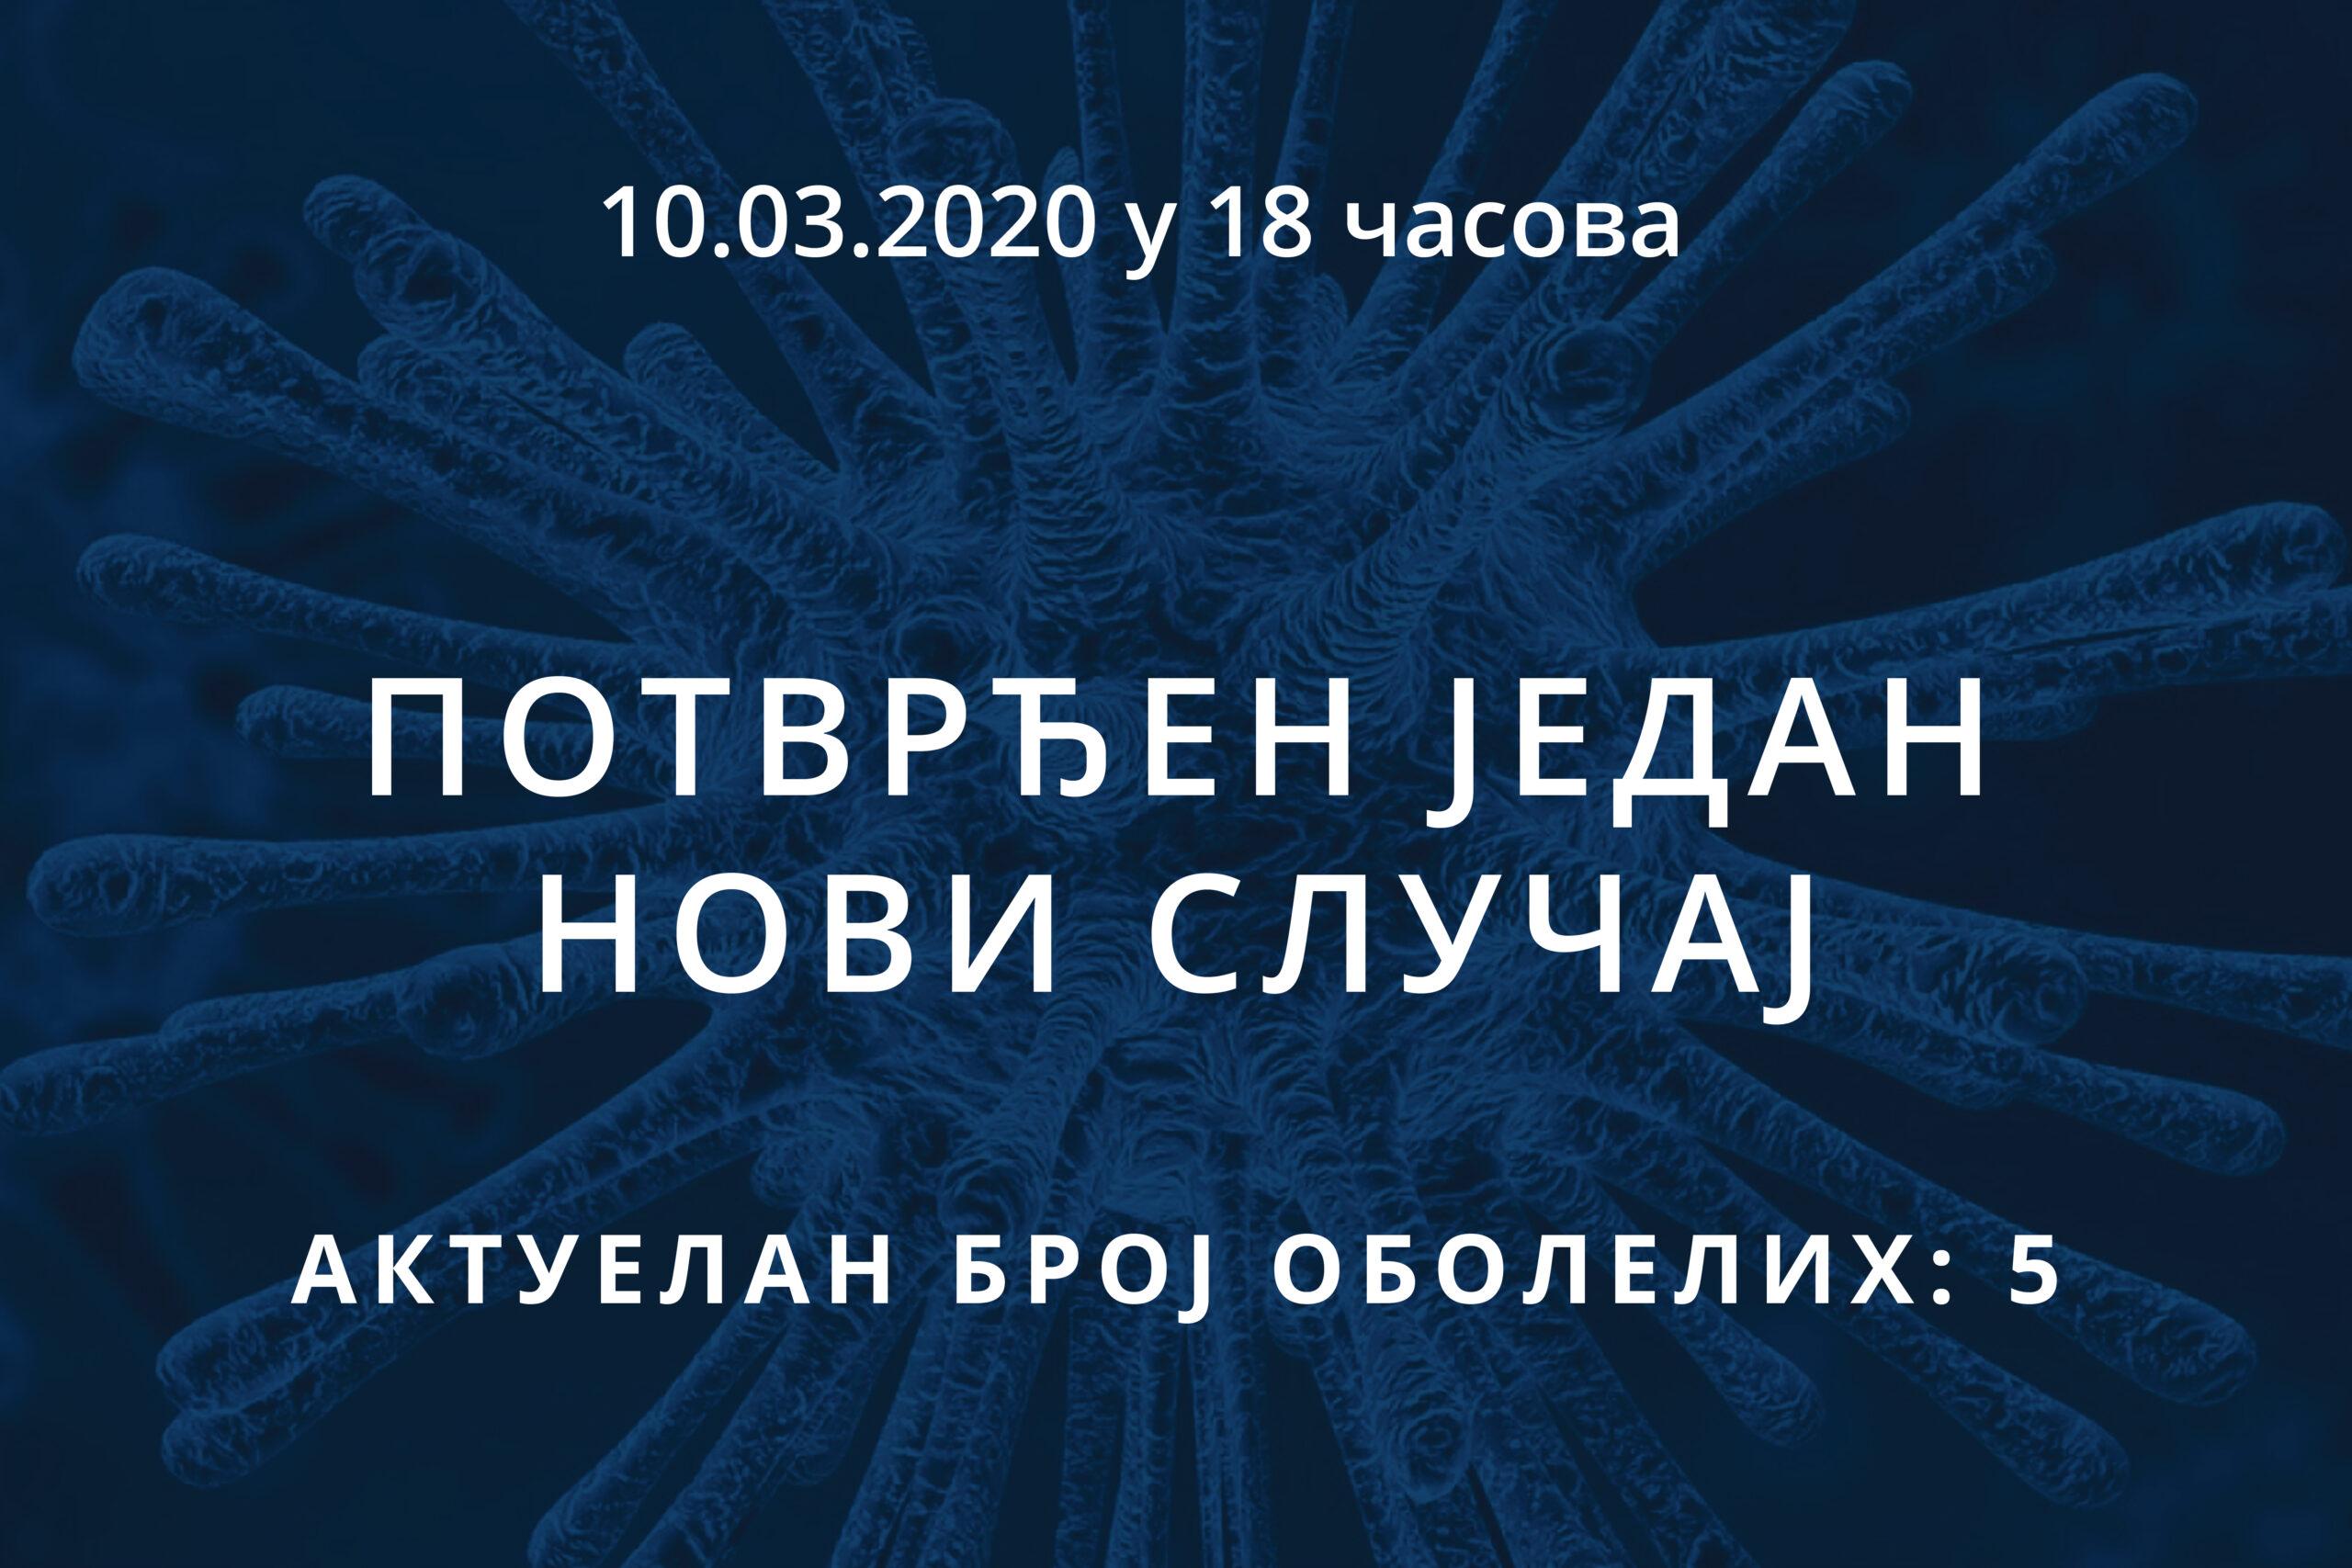 Информације о корона вирусу COVID-19, 10.03.2020 у 18 часова